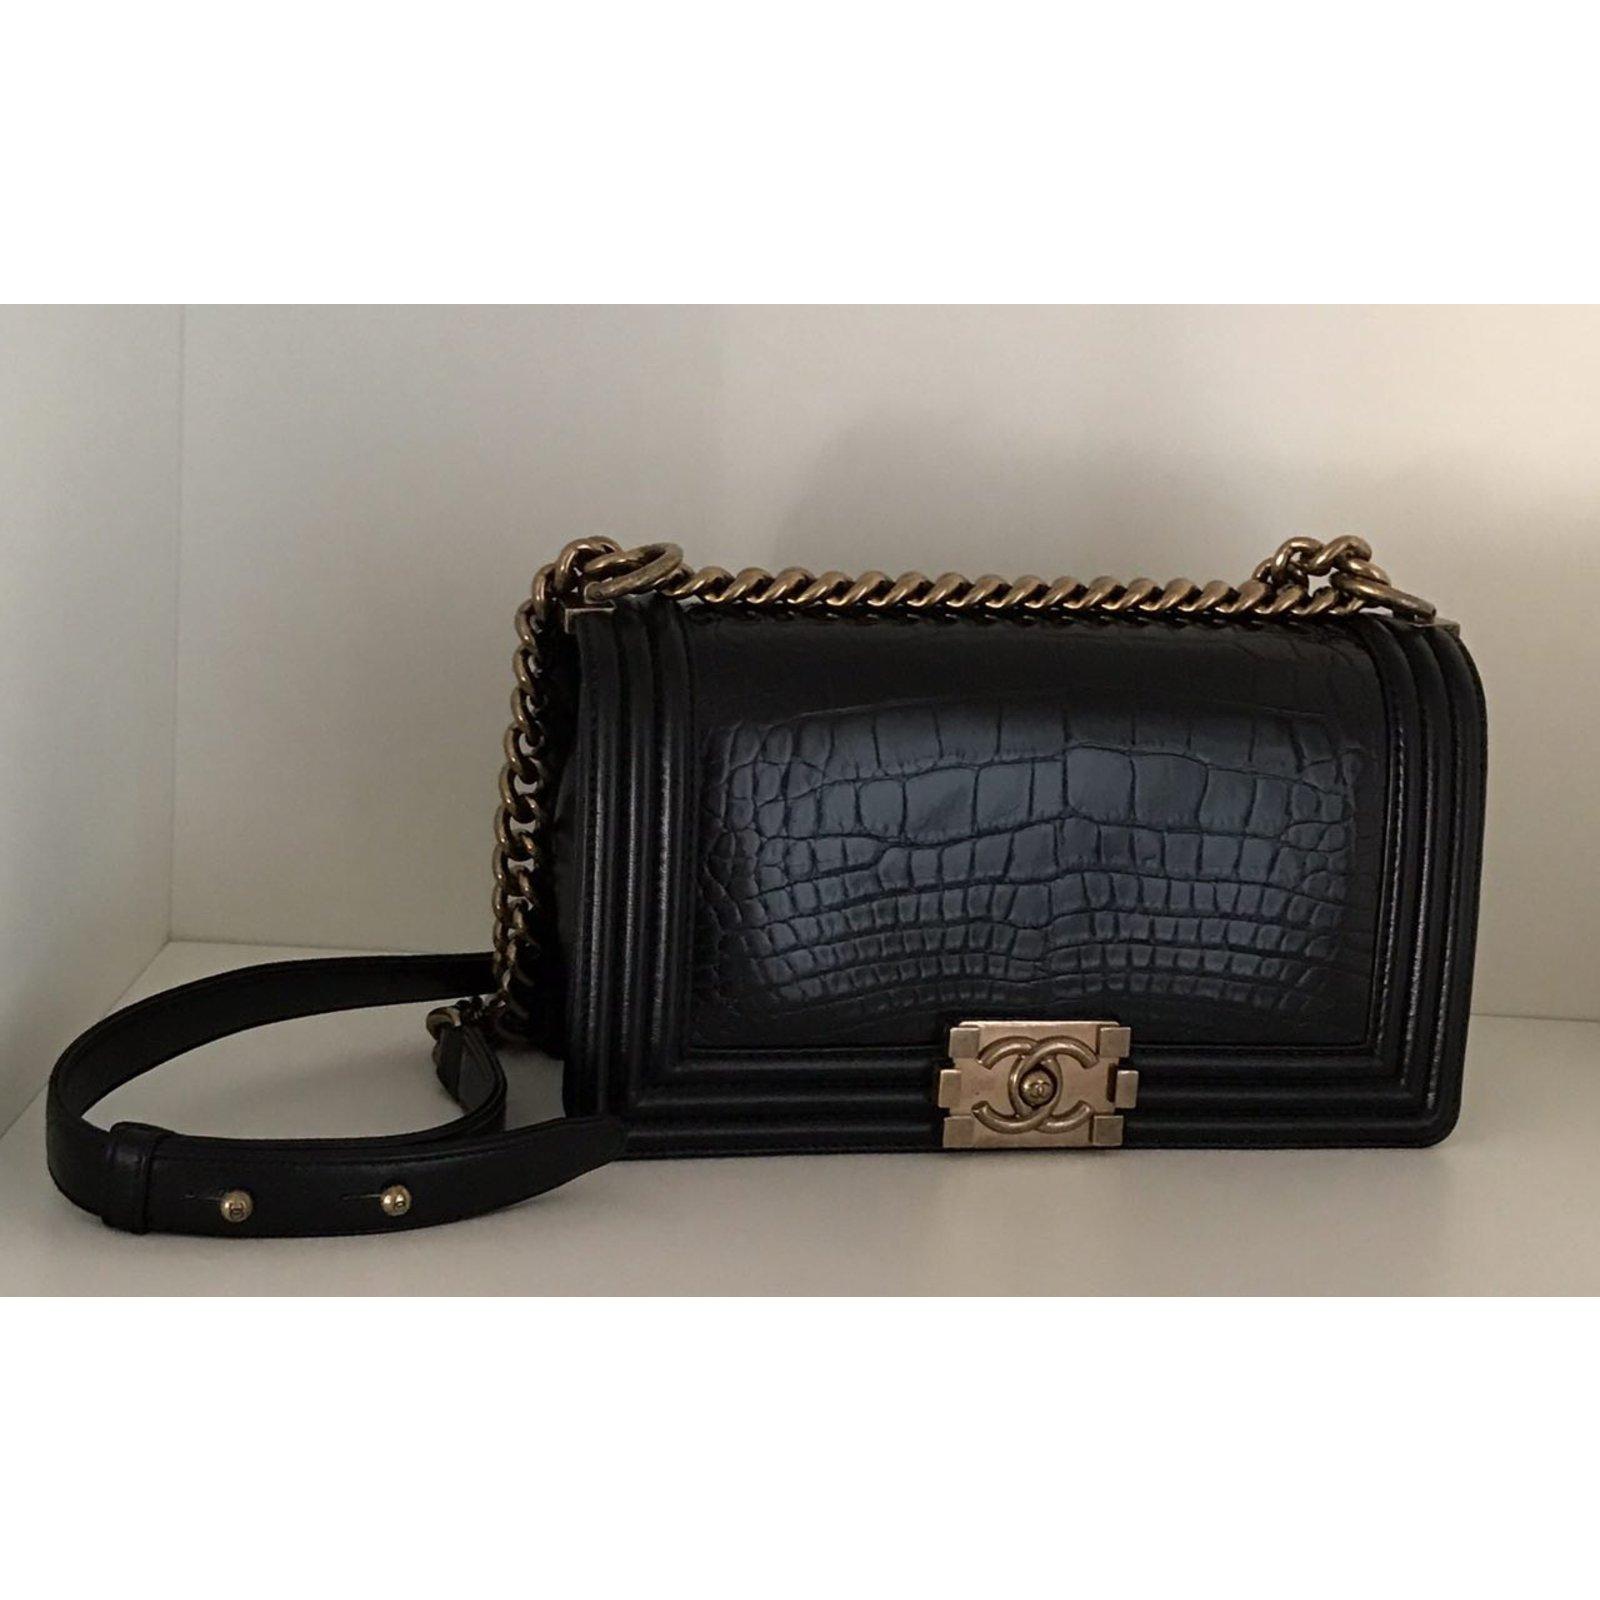 bdd7d3de4c2bed Chanel Boy Handbags Exotic leather Black ref.75452 - Joli Closet